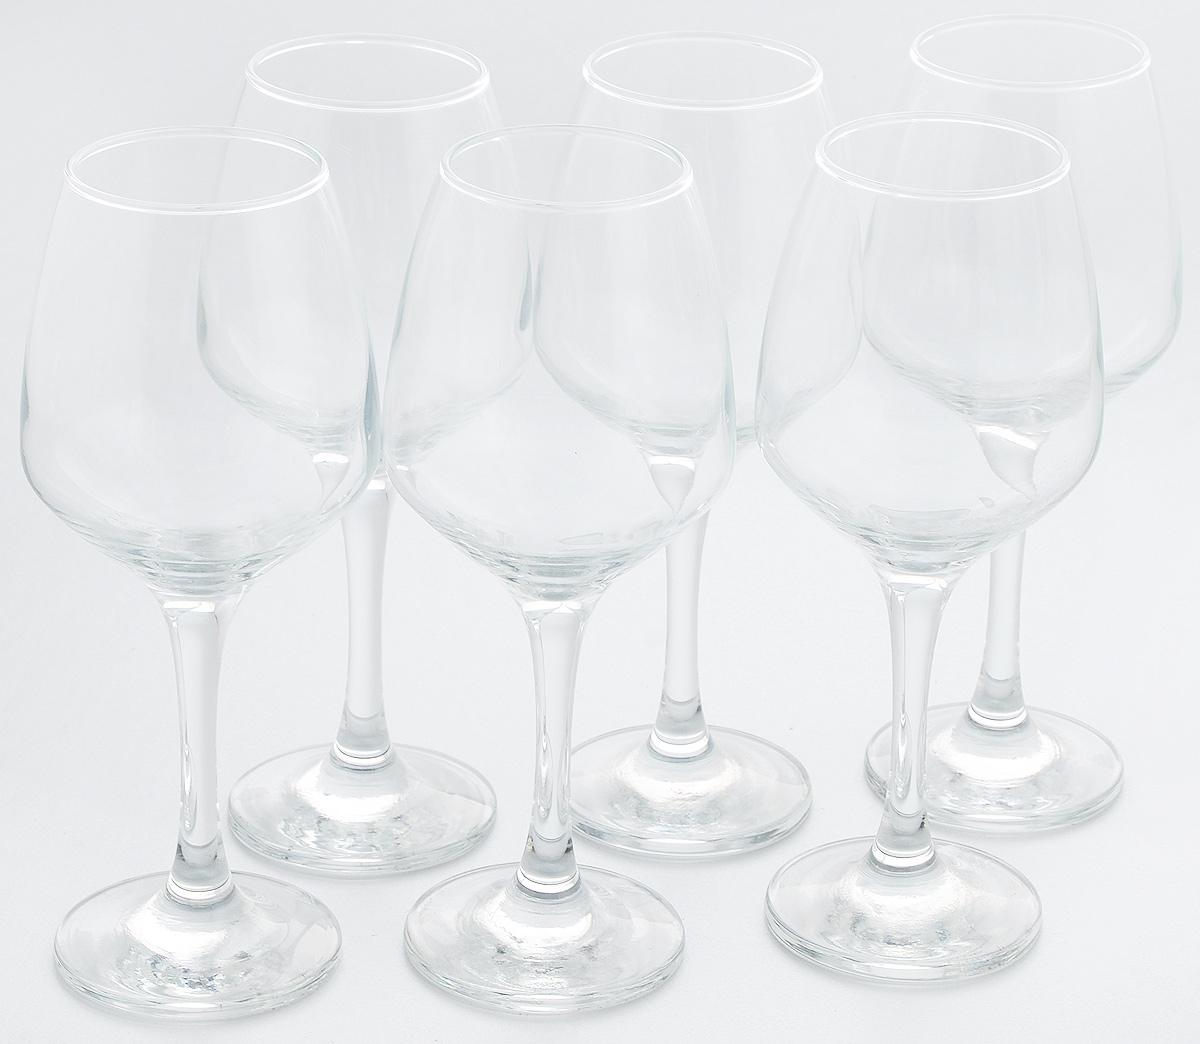 Набор бокалов для вина Pasabahce Isabella, 350 мл, 6 шт440271BНабор Pasabahce Isabella состоит из 6 бокалов, выполненных из прочного натрий-кальций-силикатного стекла. Изделия оснащены высокими ножками и предназначены для подачи вина. Они сочетают в себе элегантный дизайн и функциональность. Набор бокалов Pasabahce Isabella прекрасно оформит праздничный стол и создаст приятную атмосферу за романтическим ужином. Такой набор также станет хорошим подарком к любому случаю.